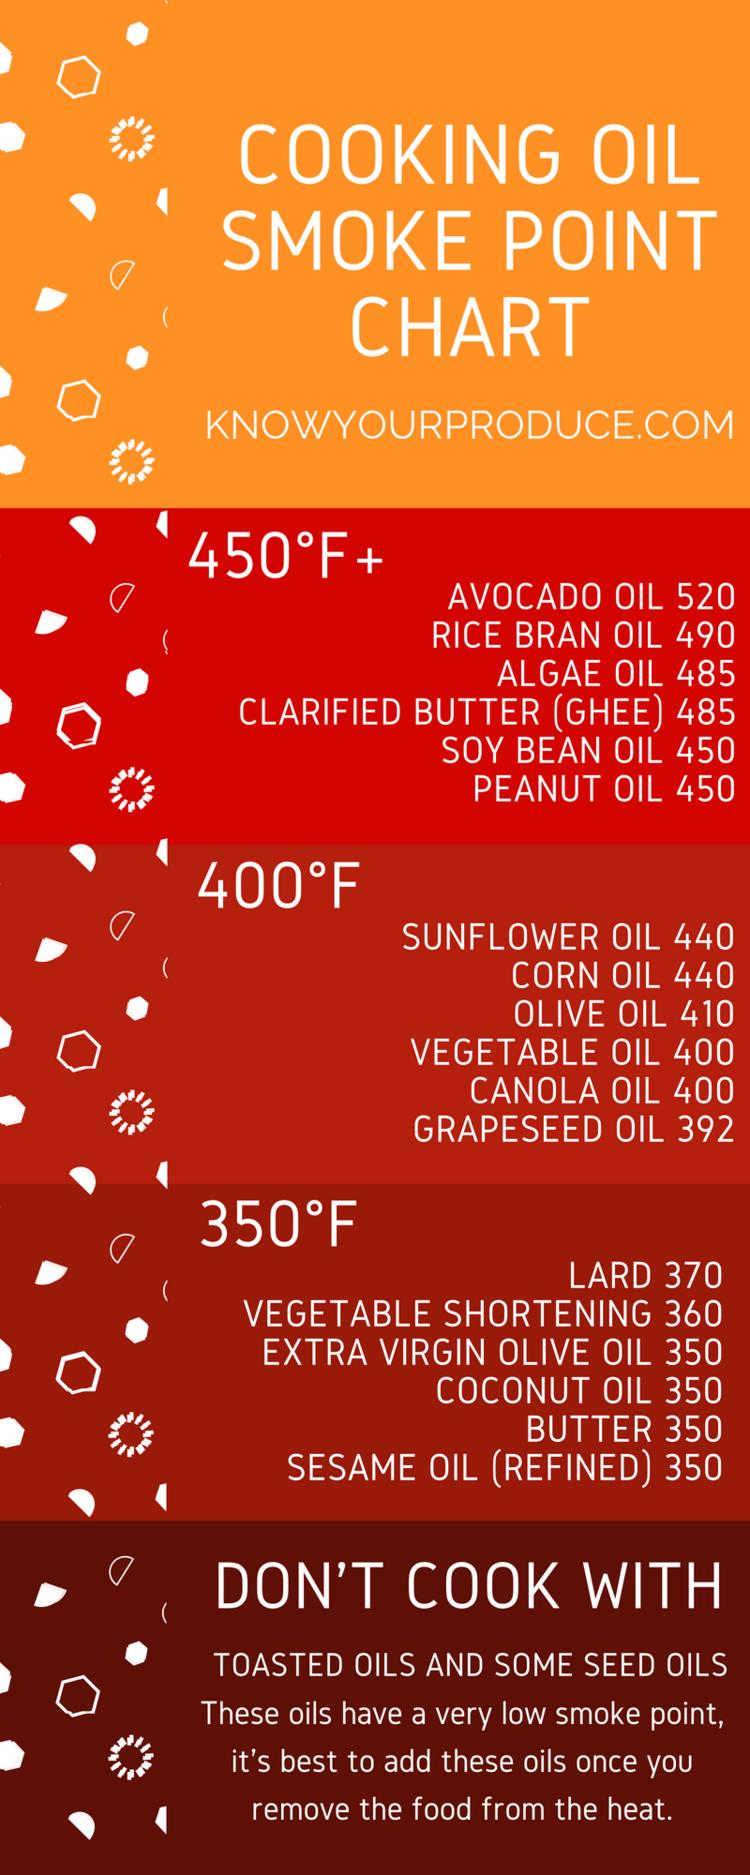 smoke point of oils chart